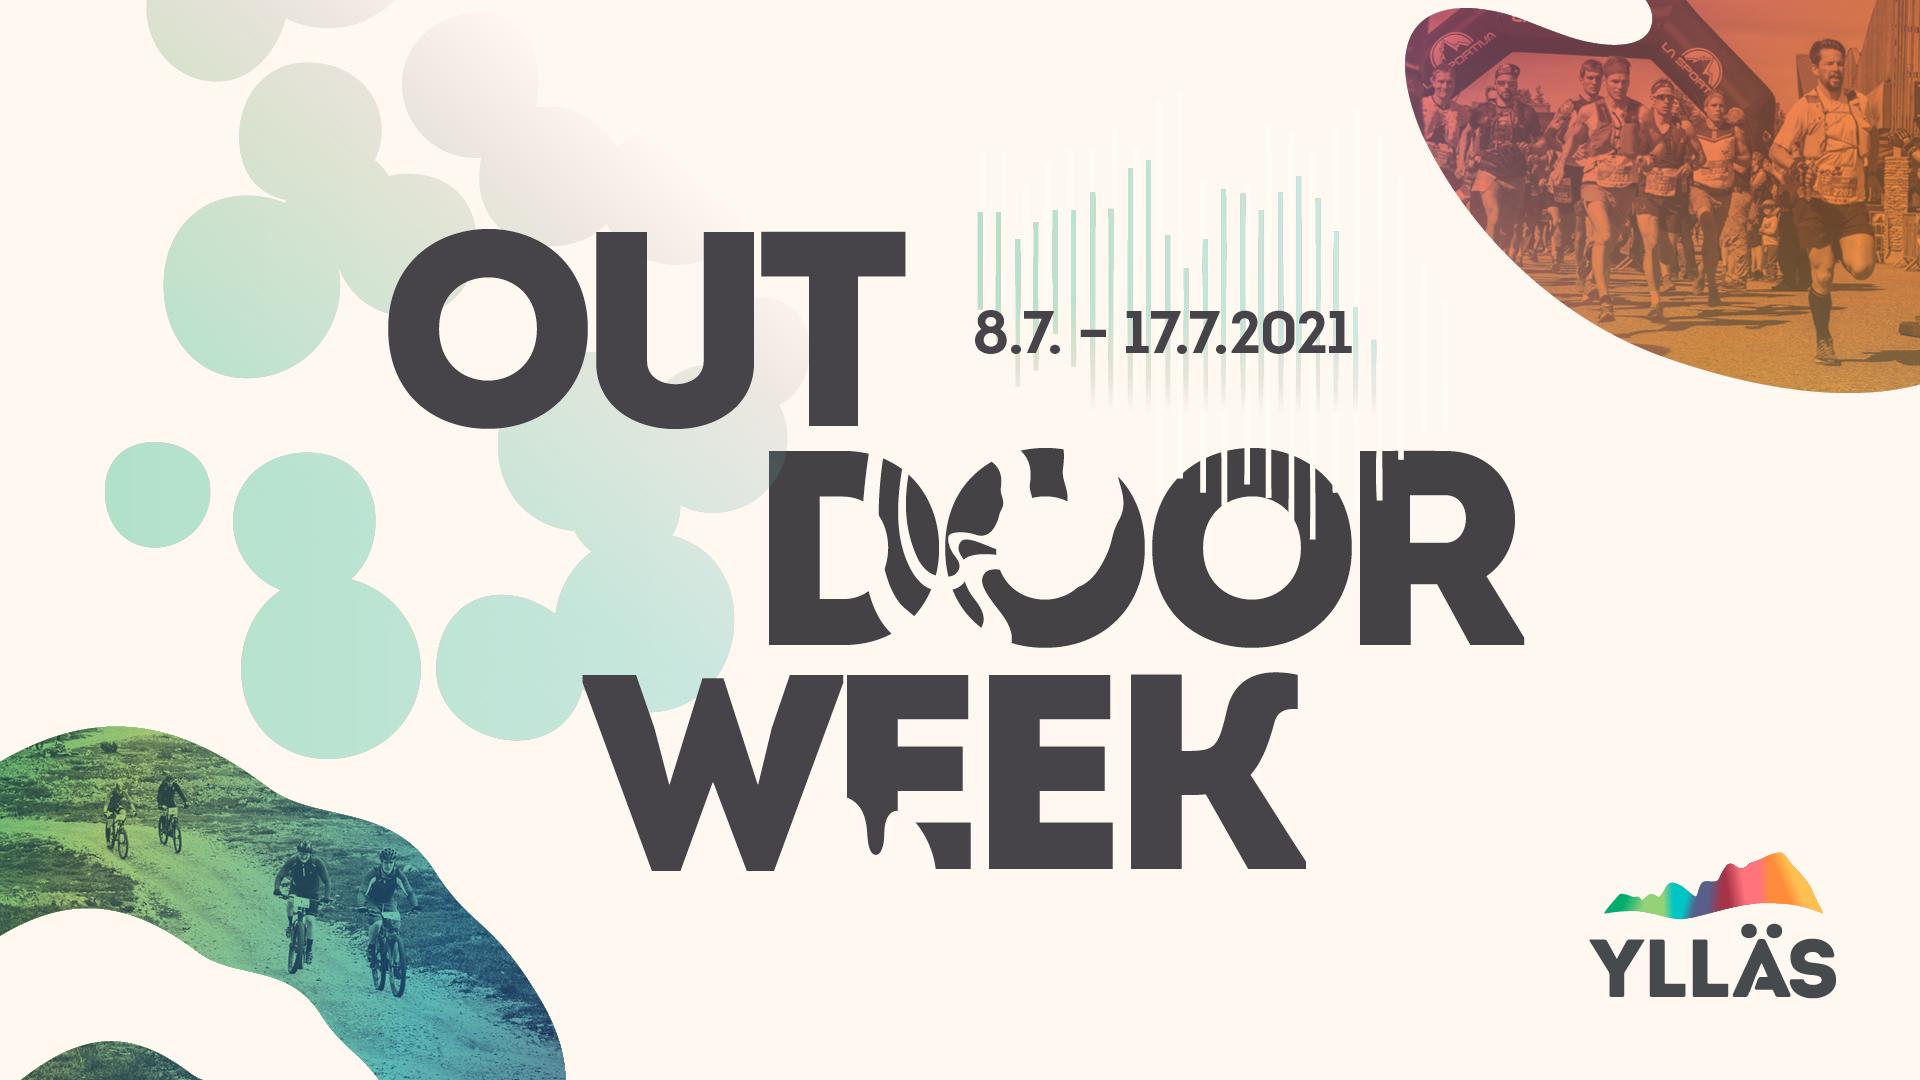 Ylläs Outdoor Week